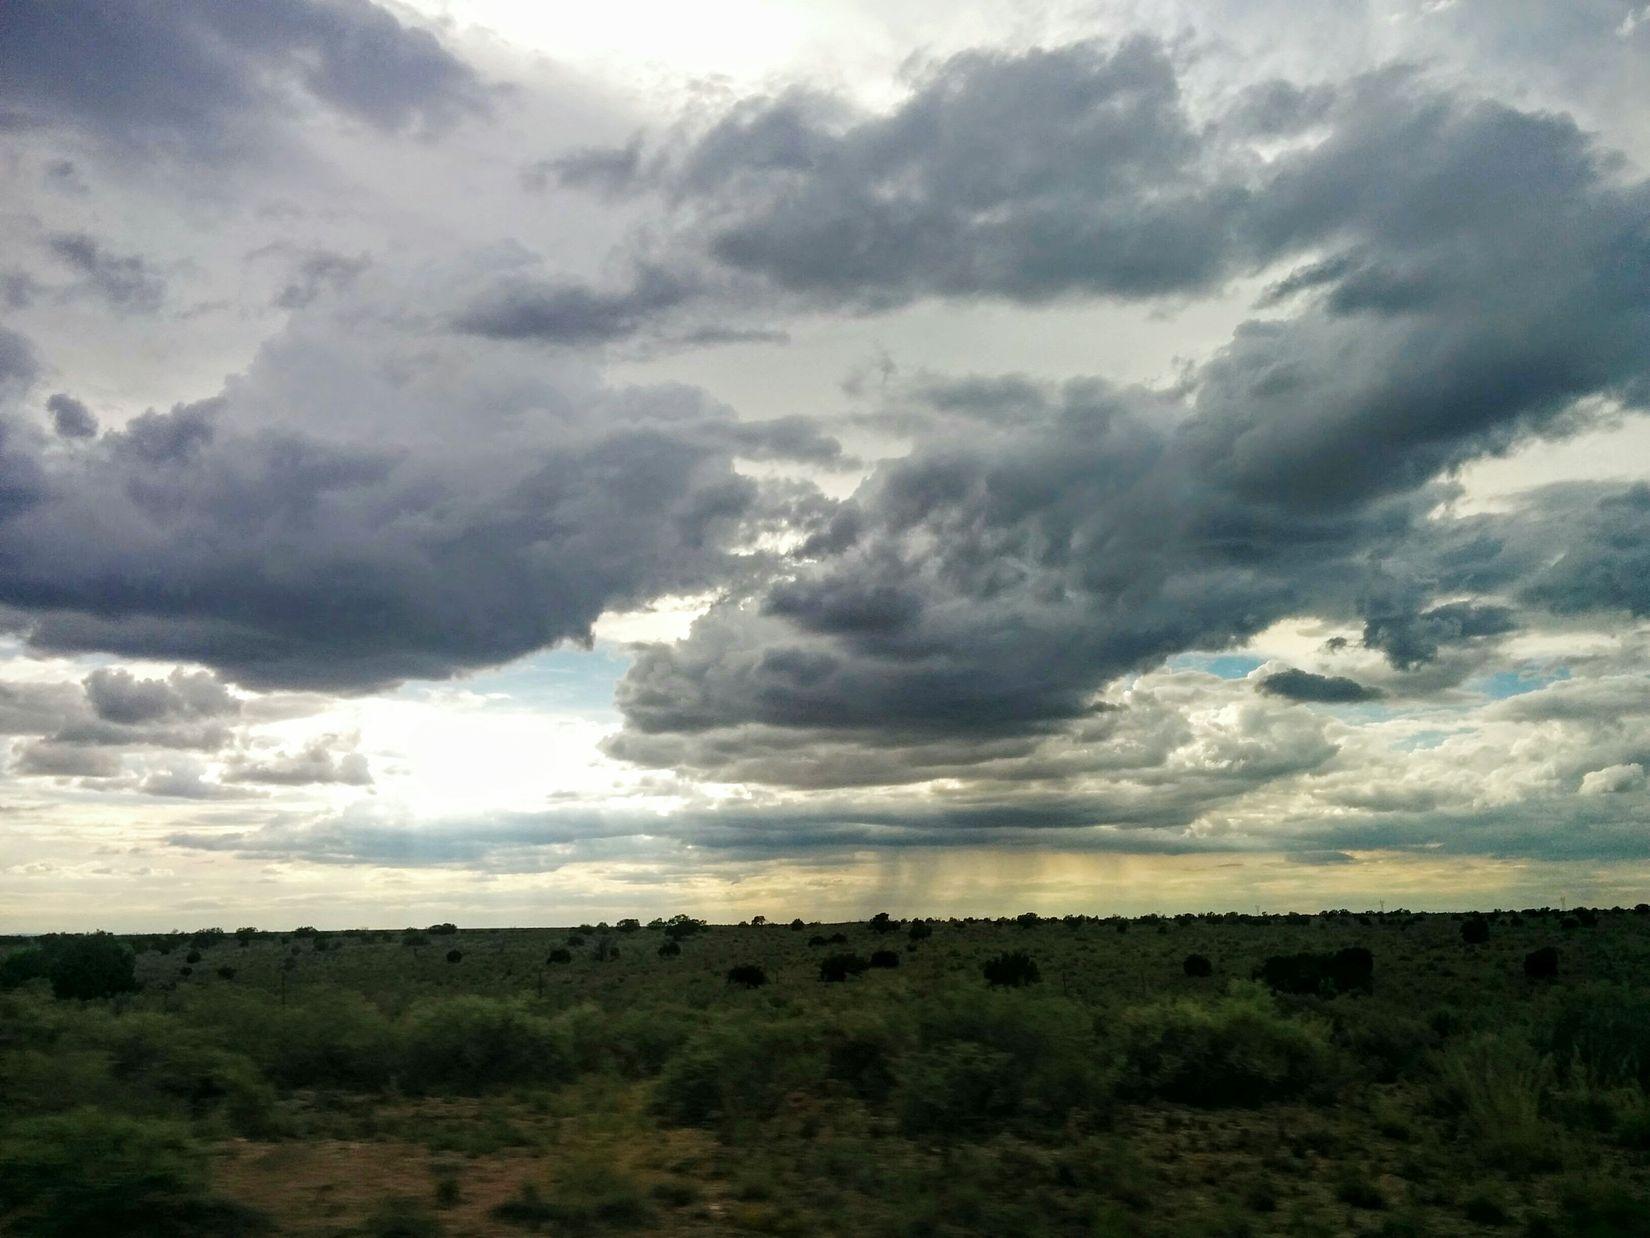 Arizona Grandcanyon Raininthedistance Raininthedesert Pheonix  Cactus